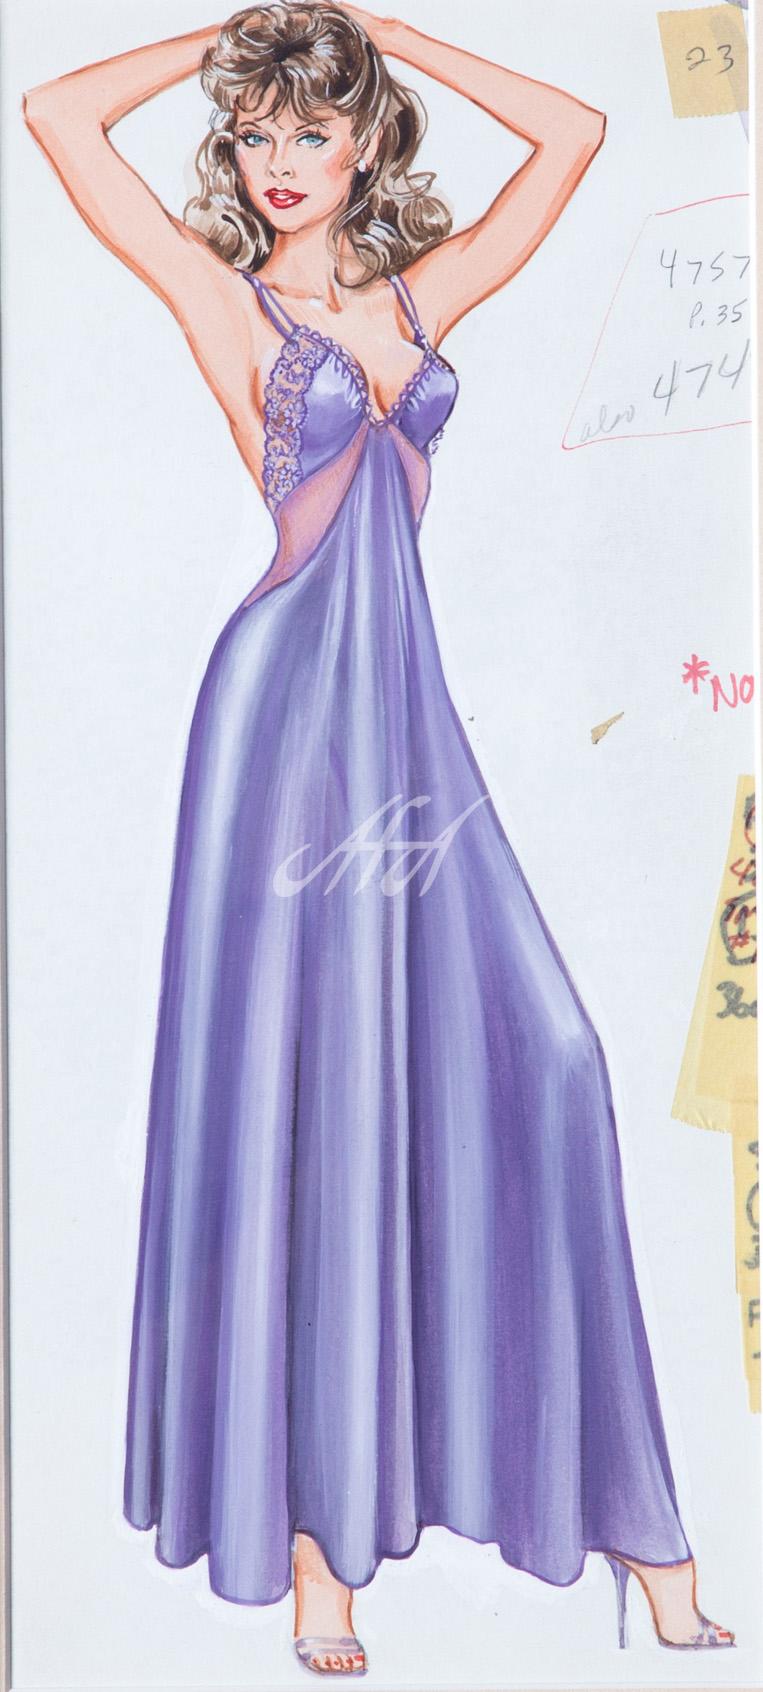 HCFM_Mellinger_nn2022_purpleslip_framed LoRes watermark.jpg